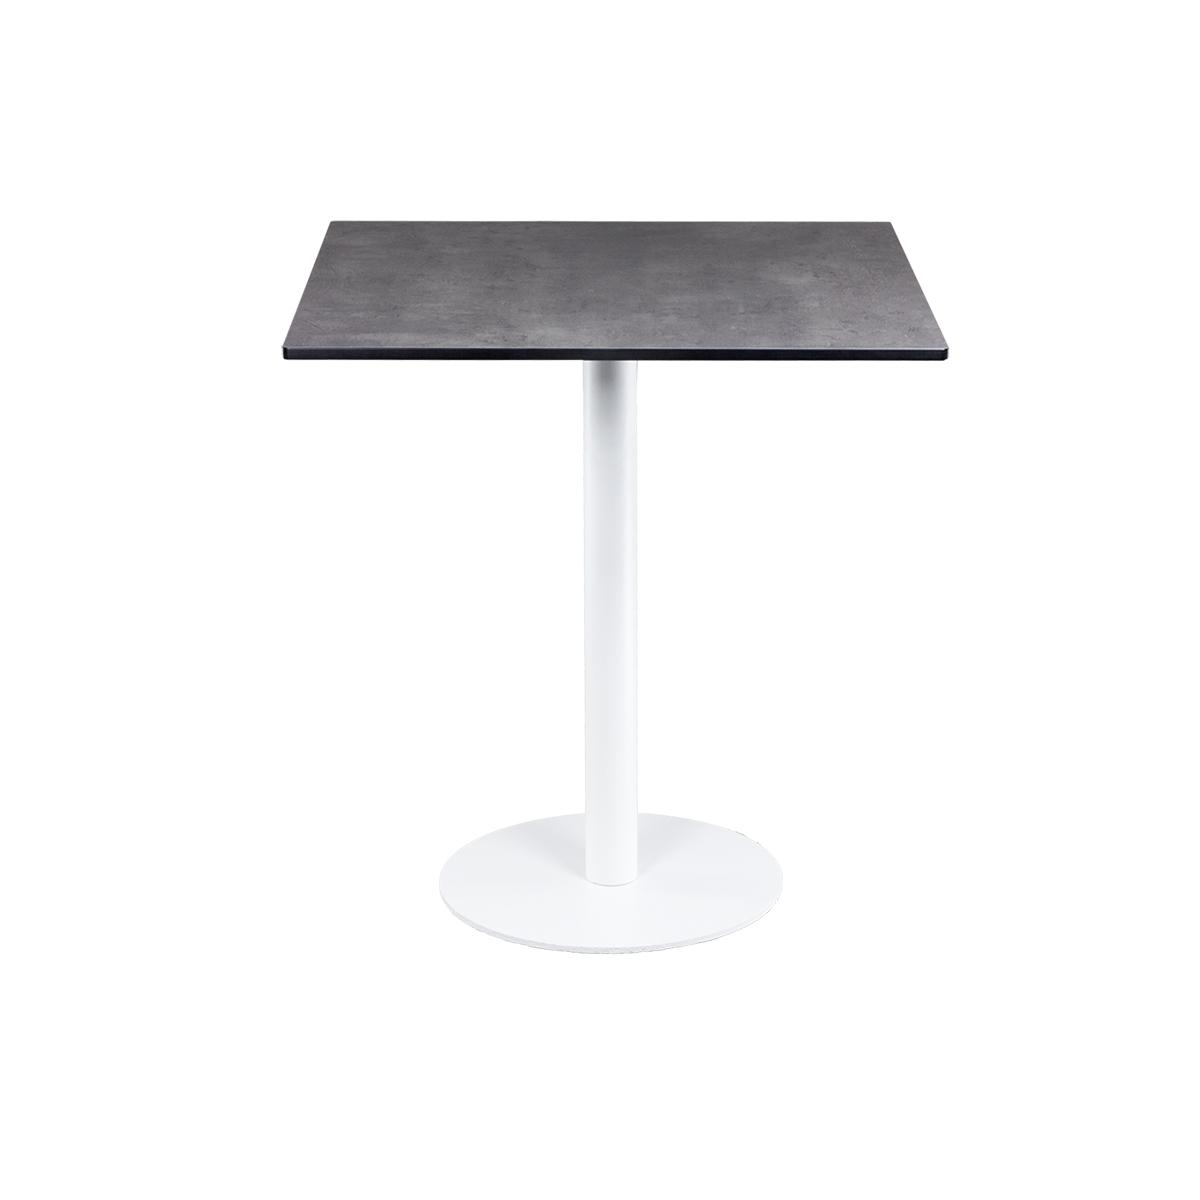 dieeventausstatter Sitztisch Modern black&white Platte outdoor Beton eckig